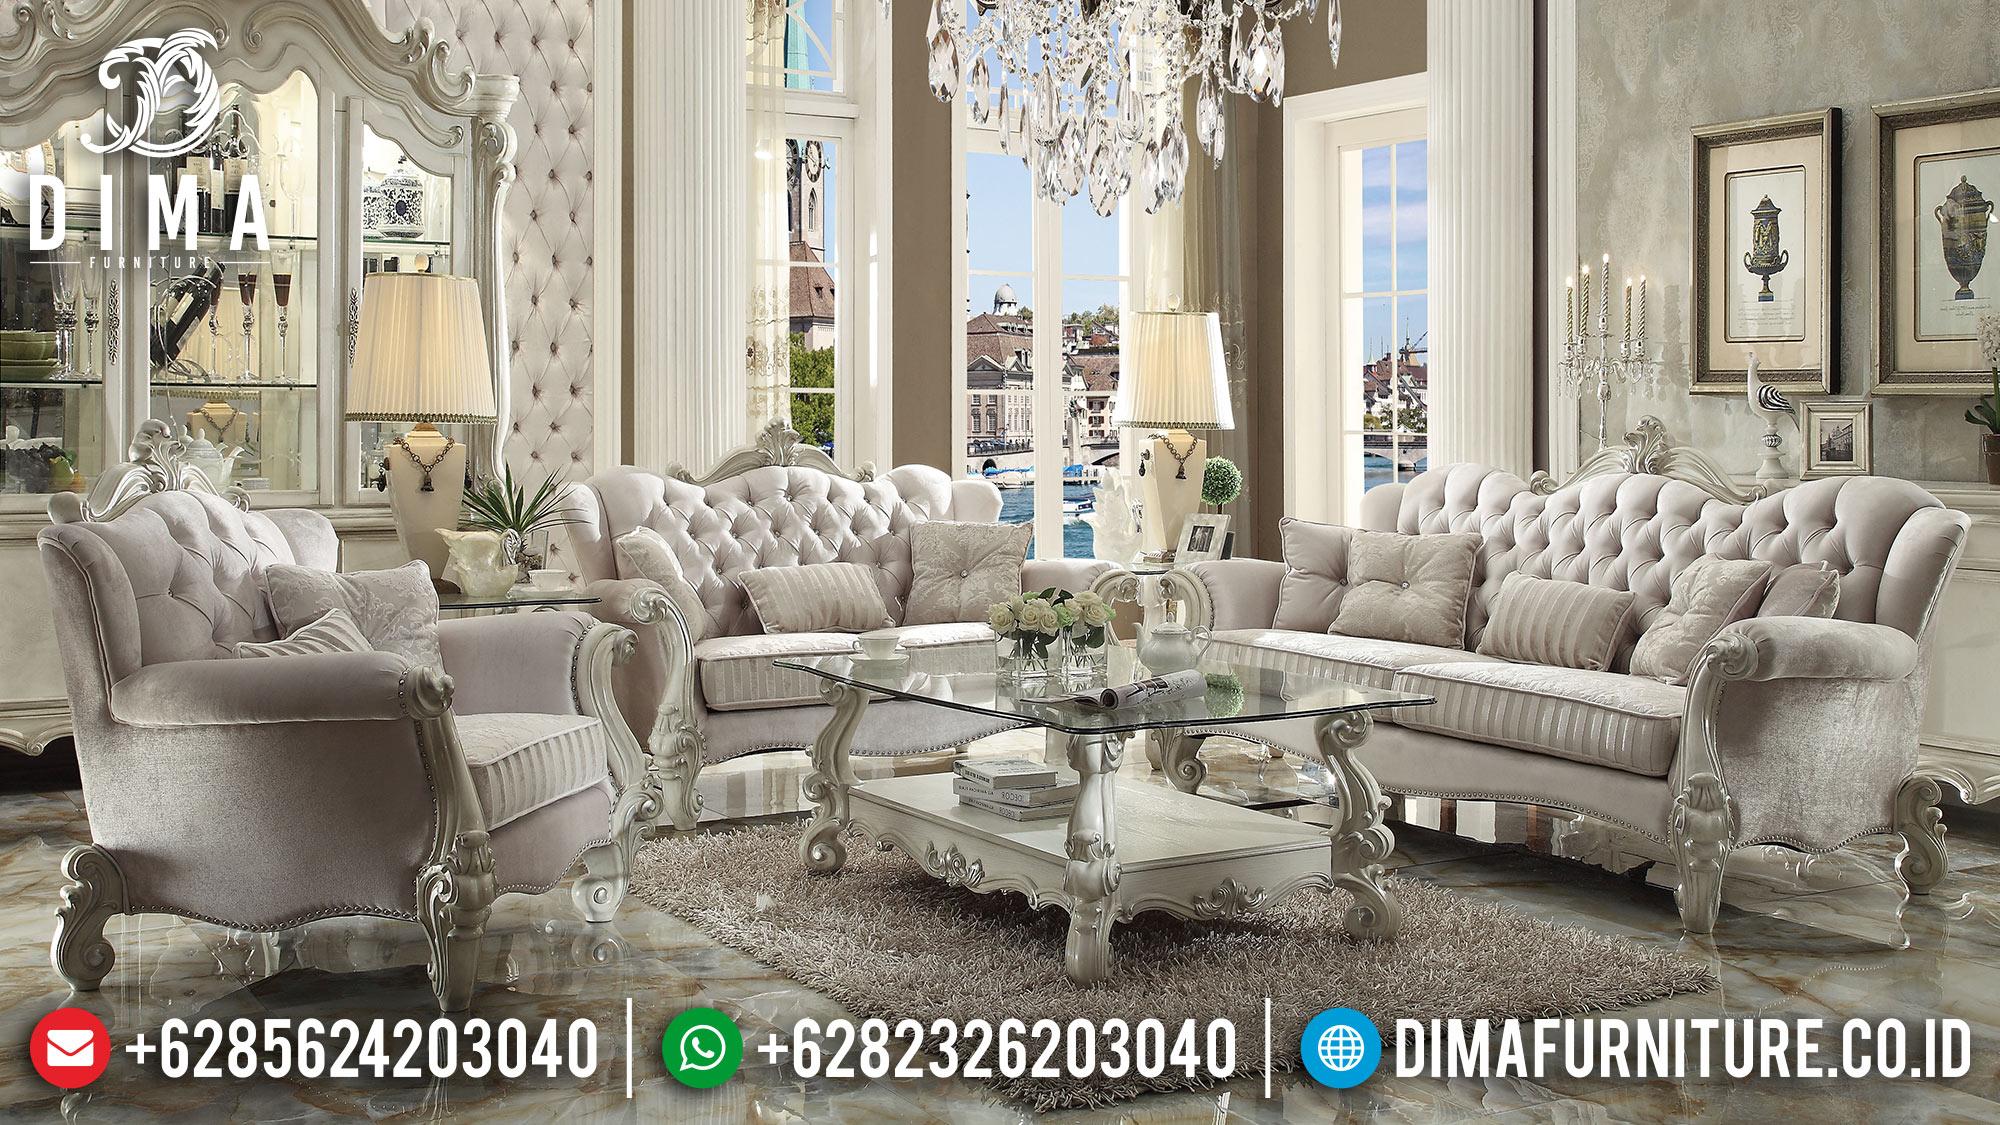 Sofa Tamu Mewah Terbaru Jepara 01 Dima Furniture Jepara